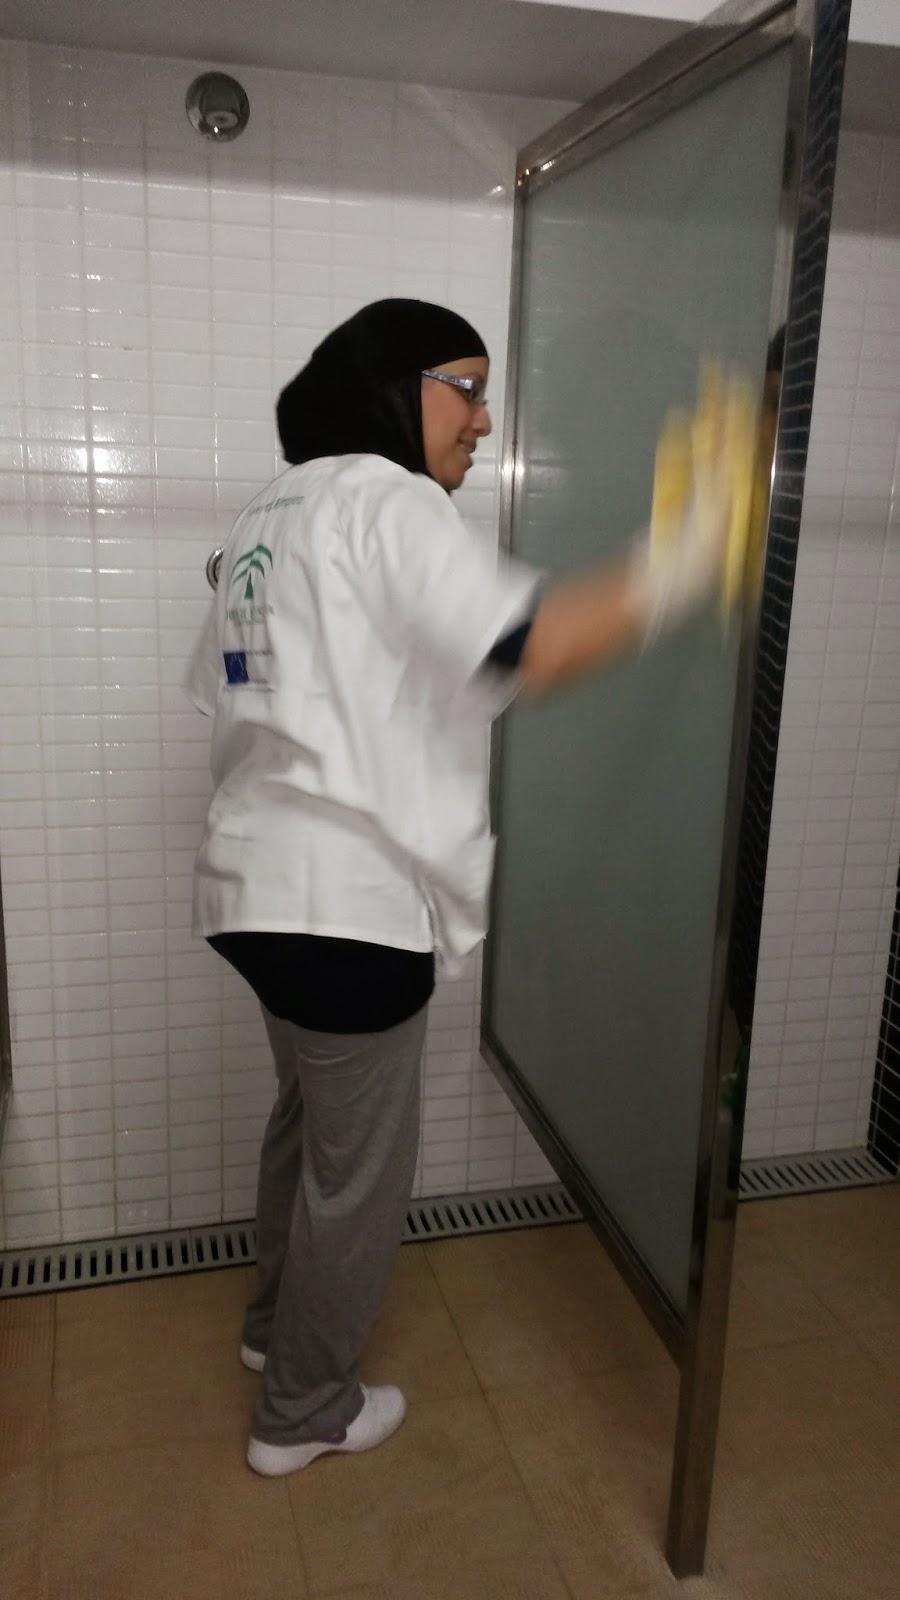 Curso de experto en limpieza y camarera de pisos - Aparatos para limpiar cristales ...